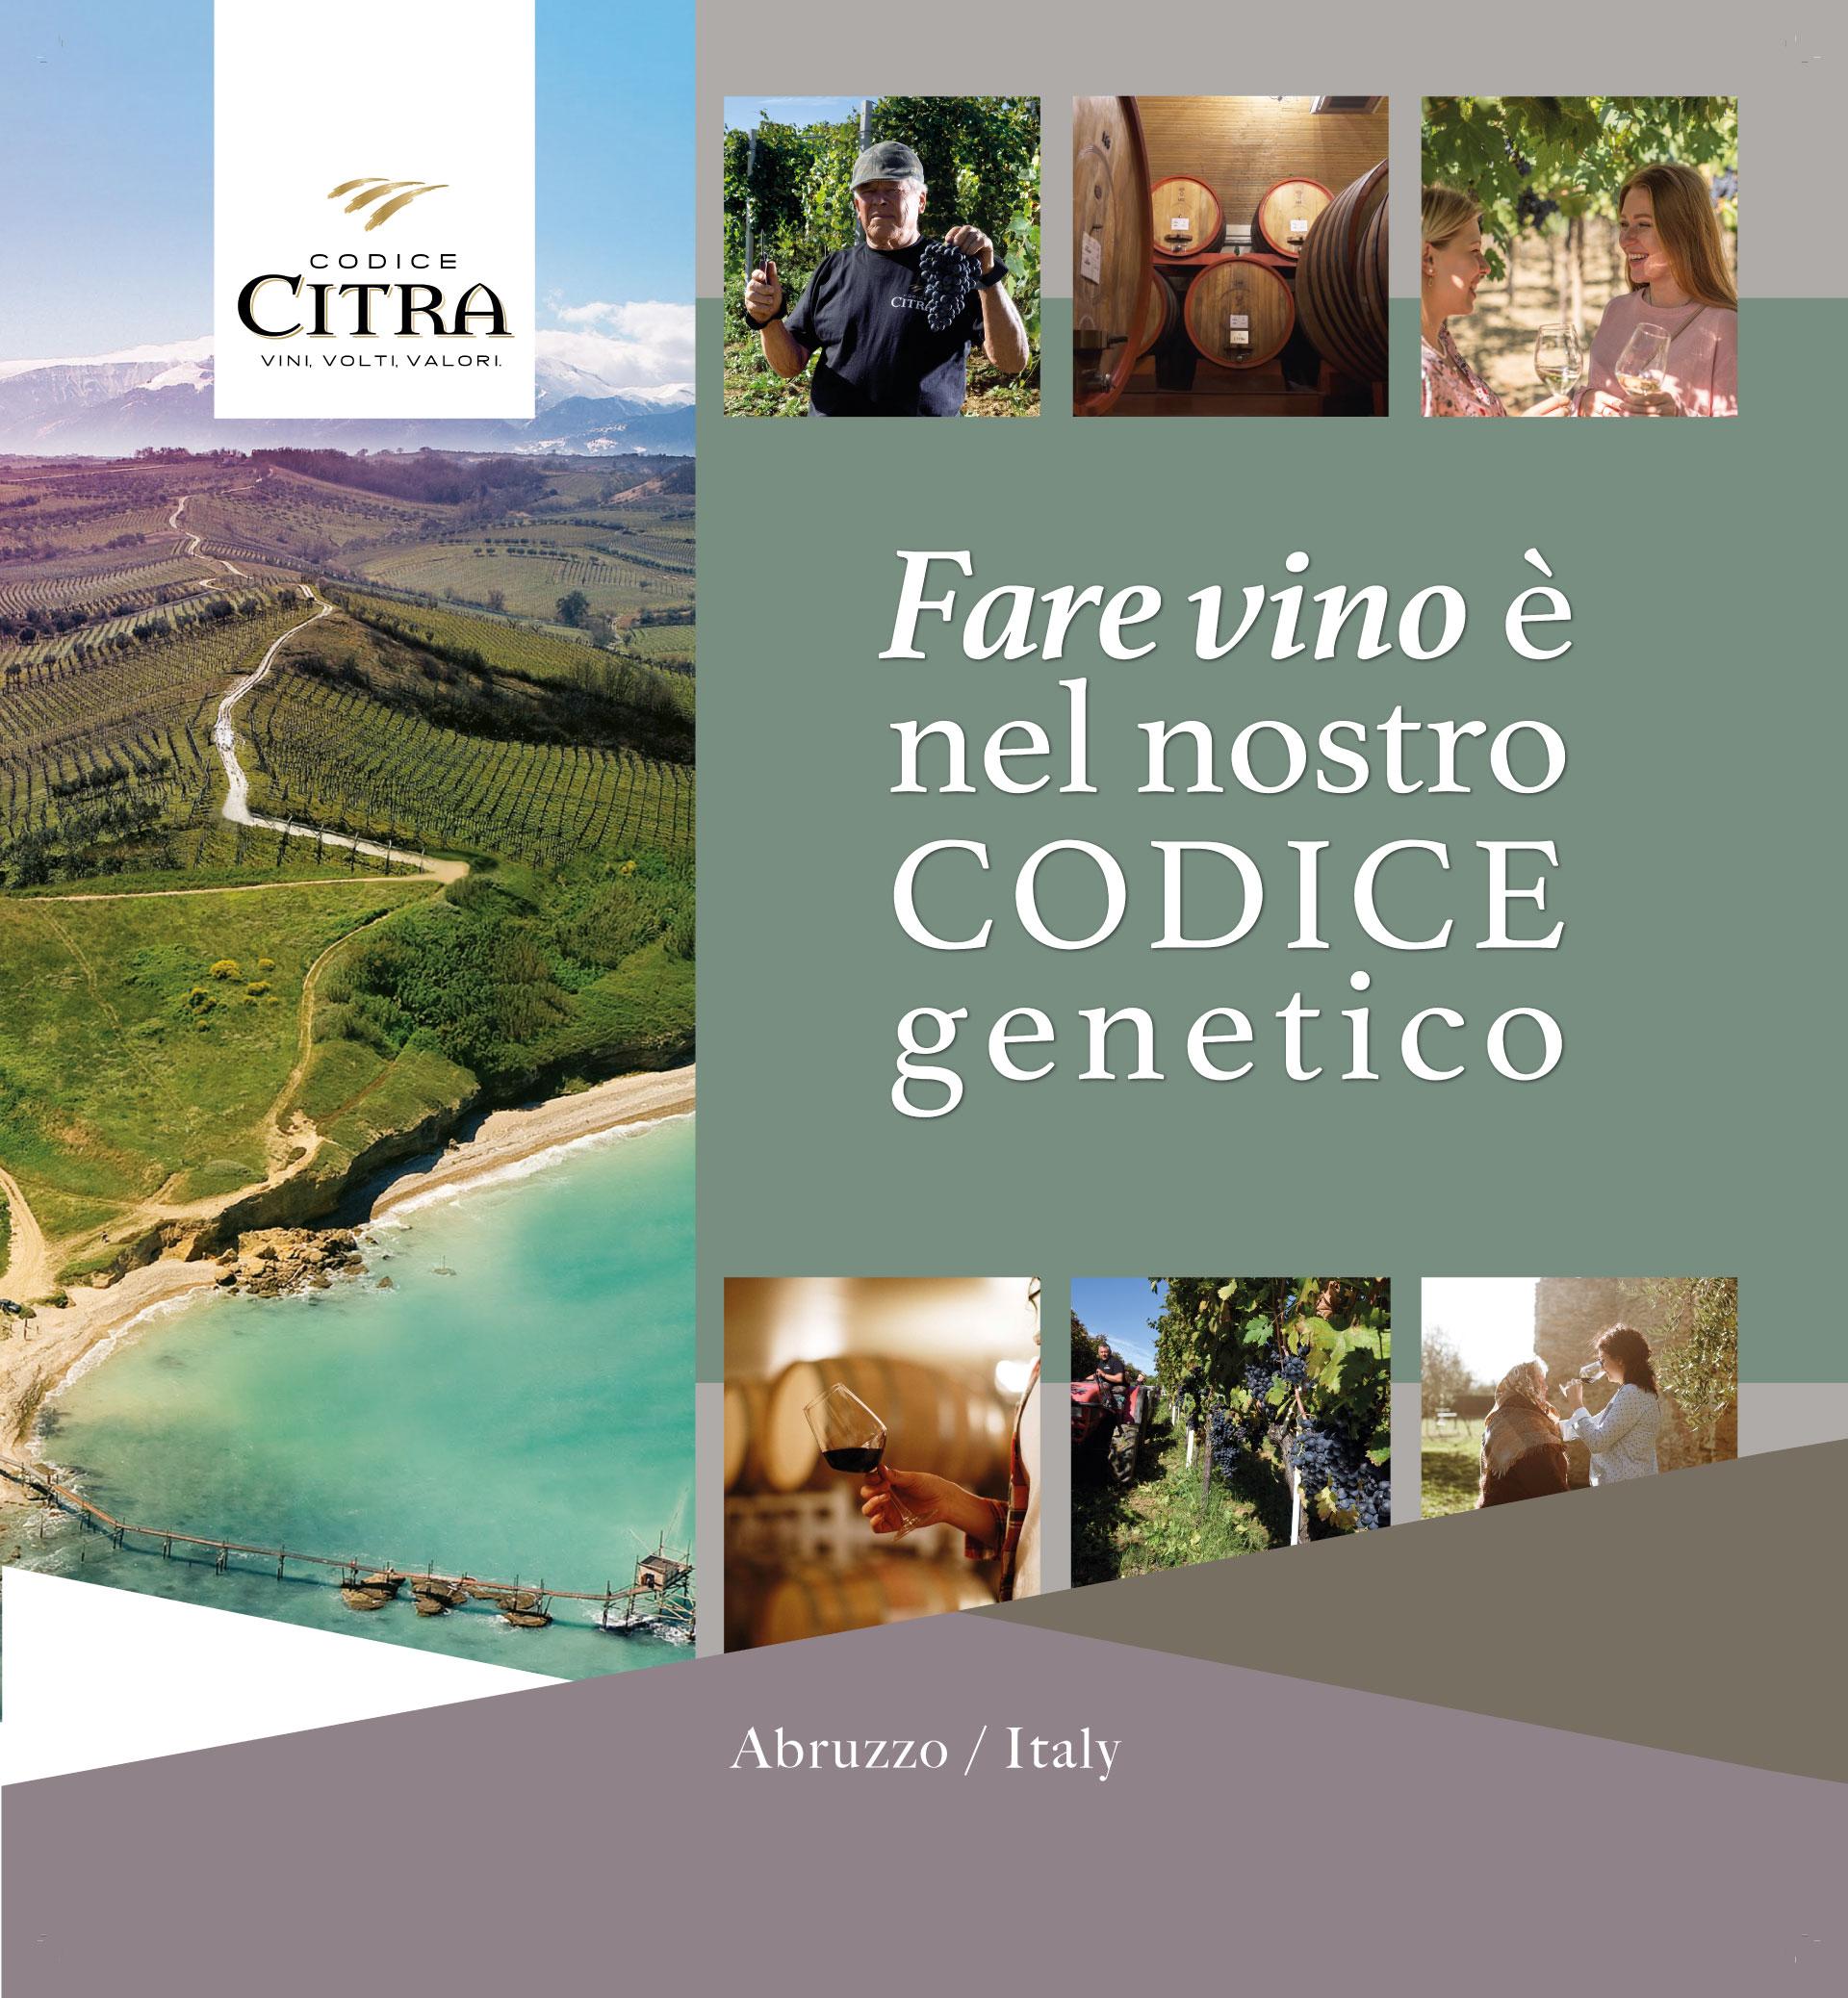 Codice Citra partecipa agli eventi più importanti del vino